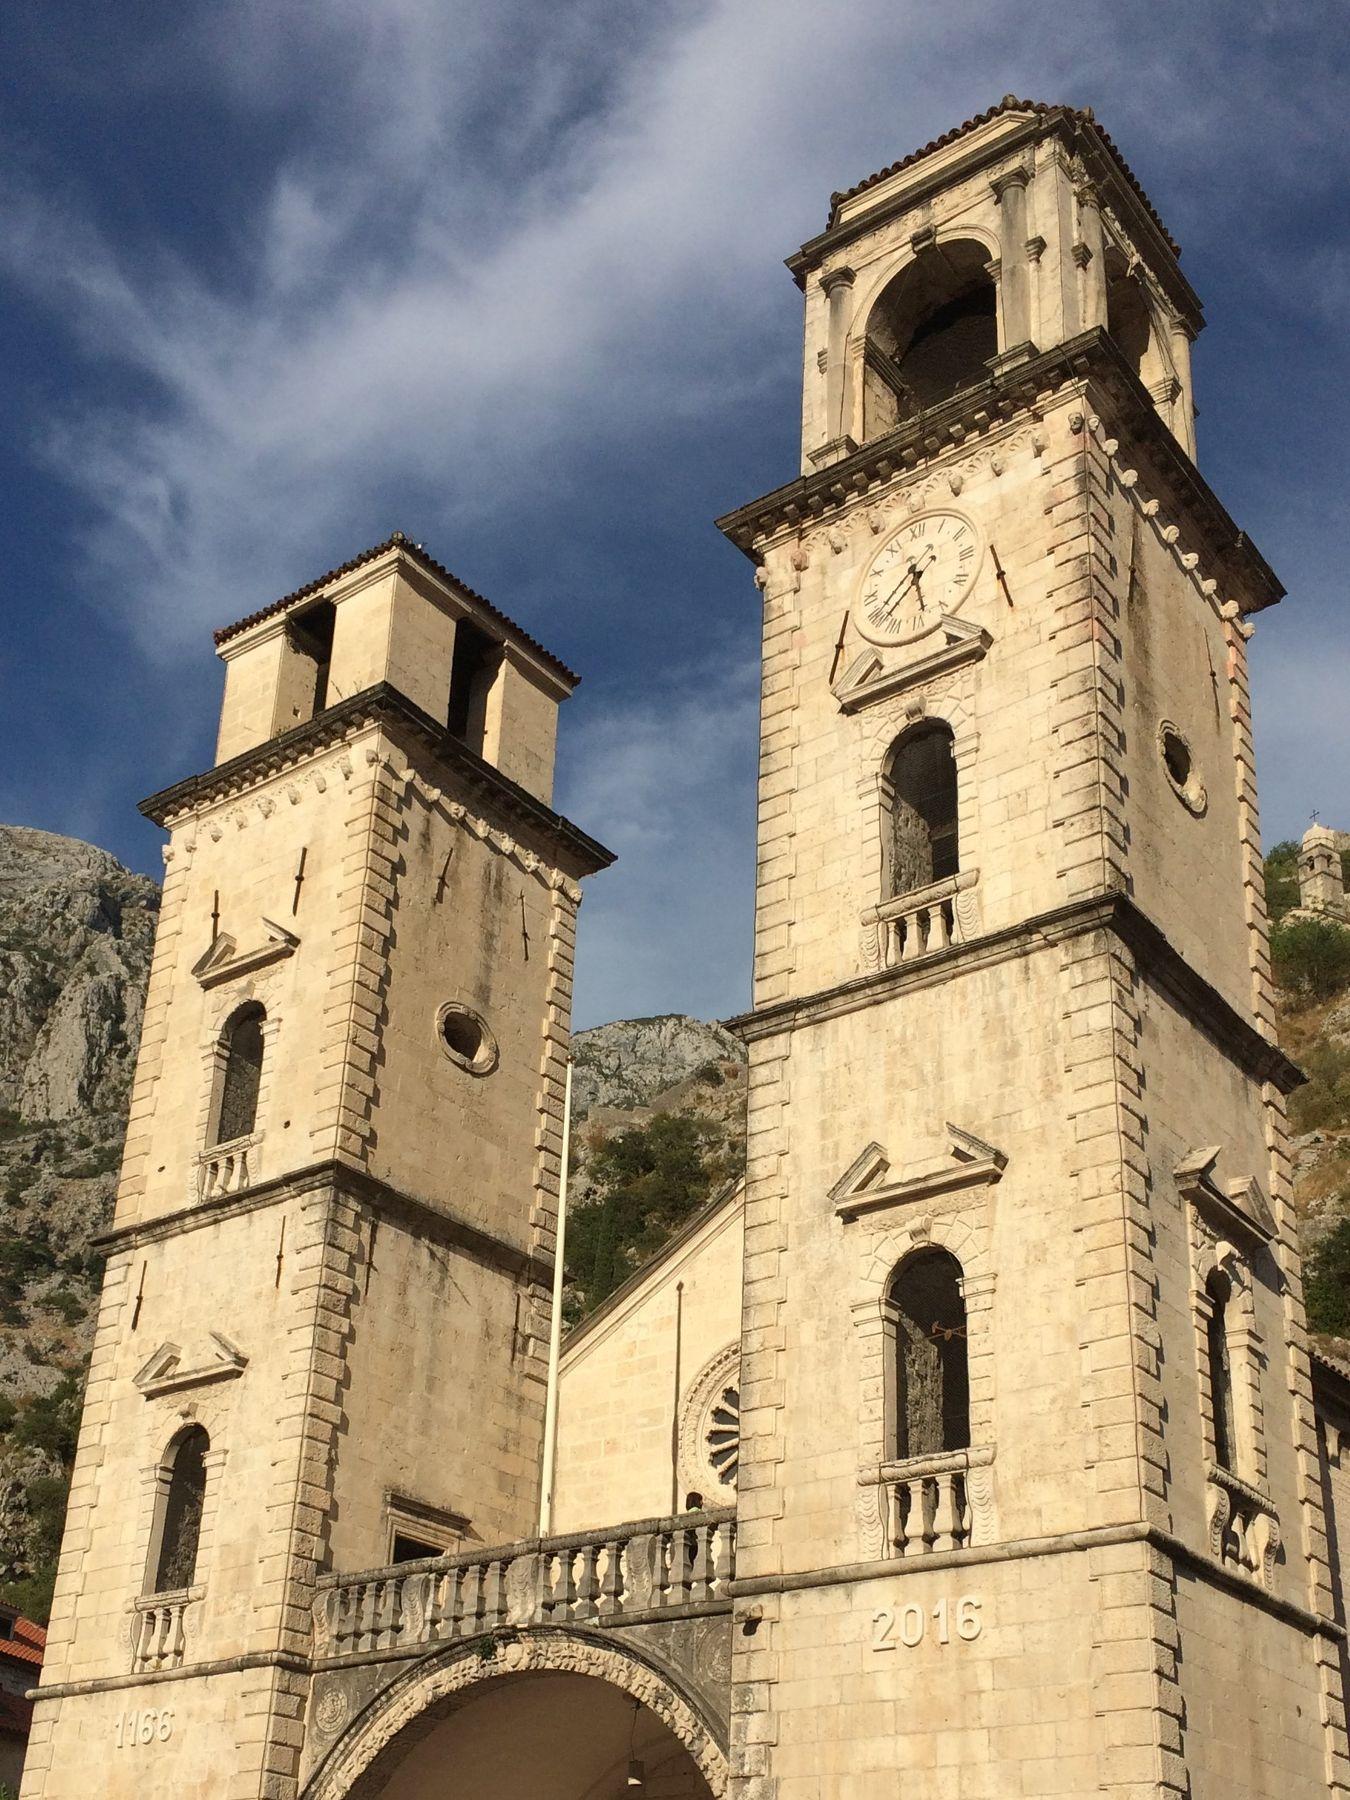 Кафедральный собор Святого Трифона, Город Котор, Черногория